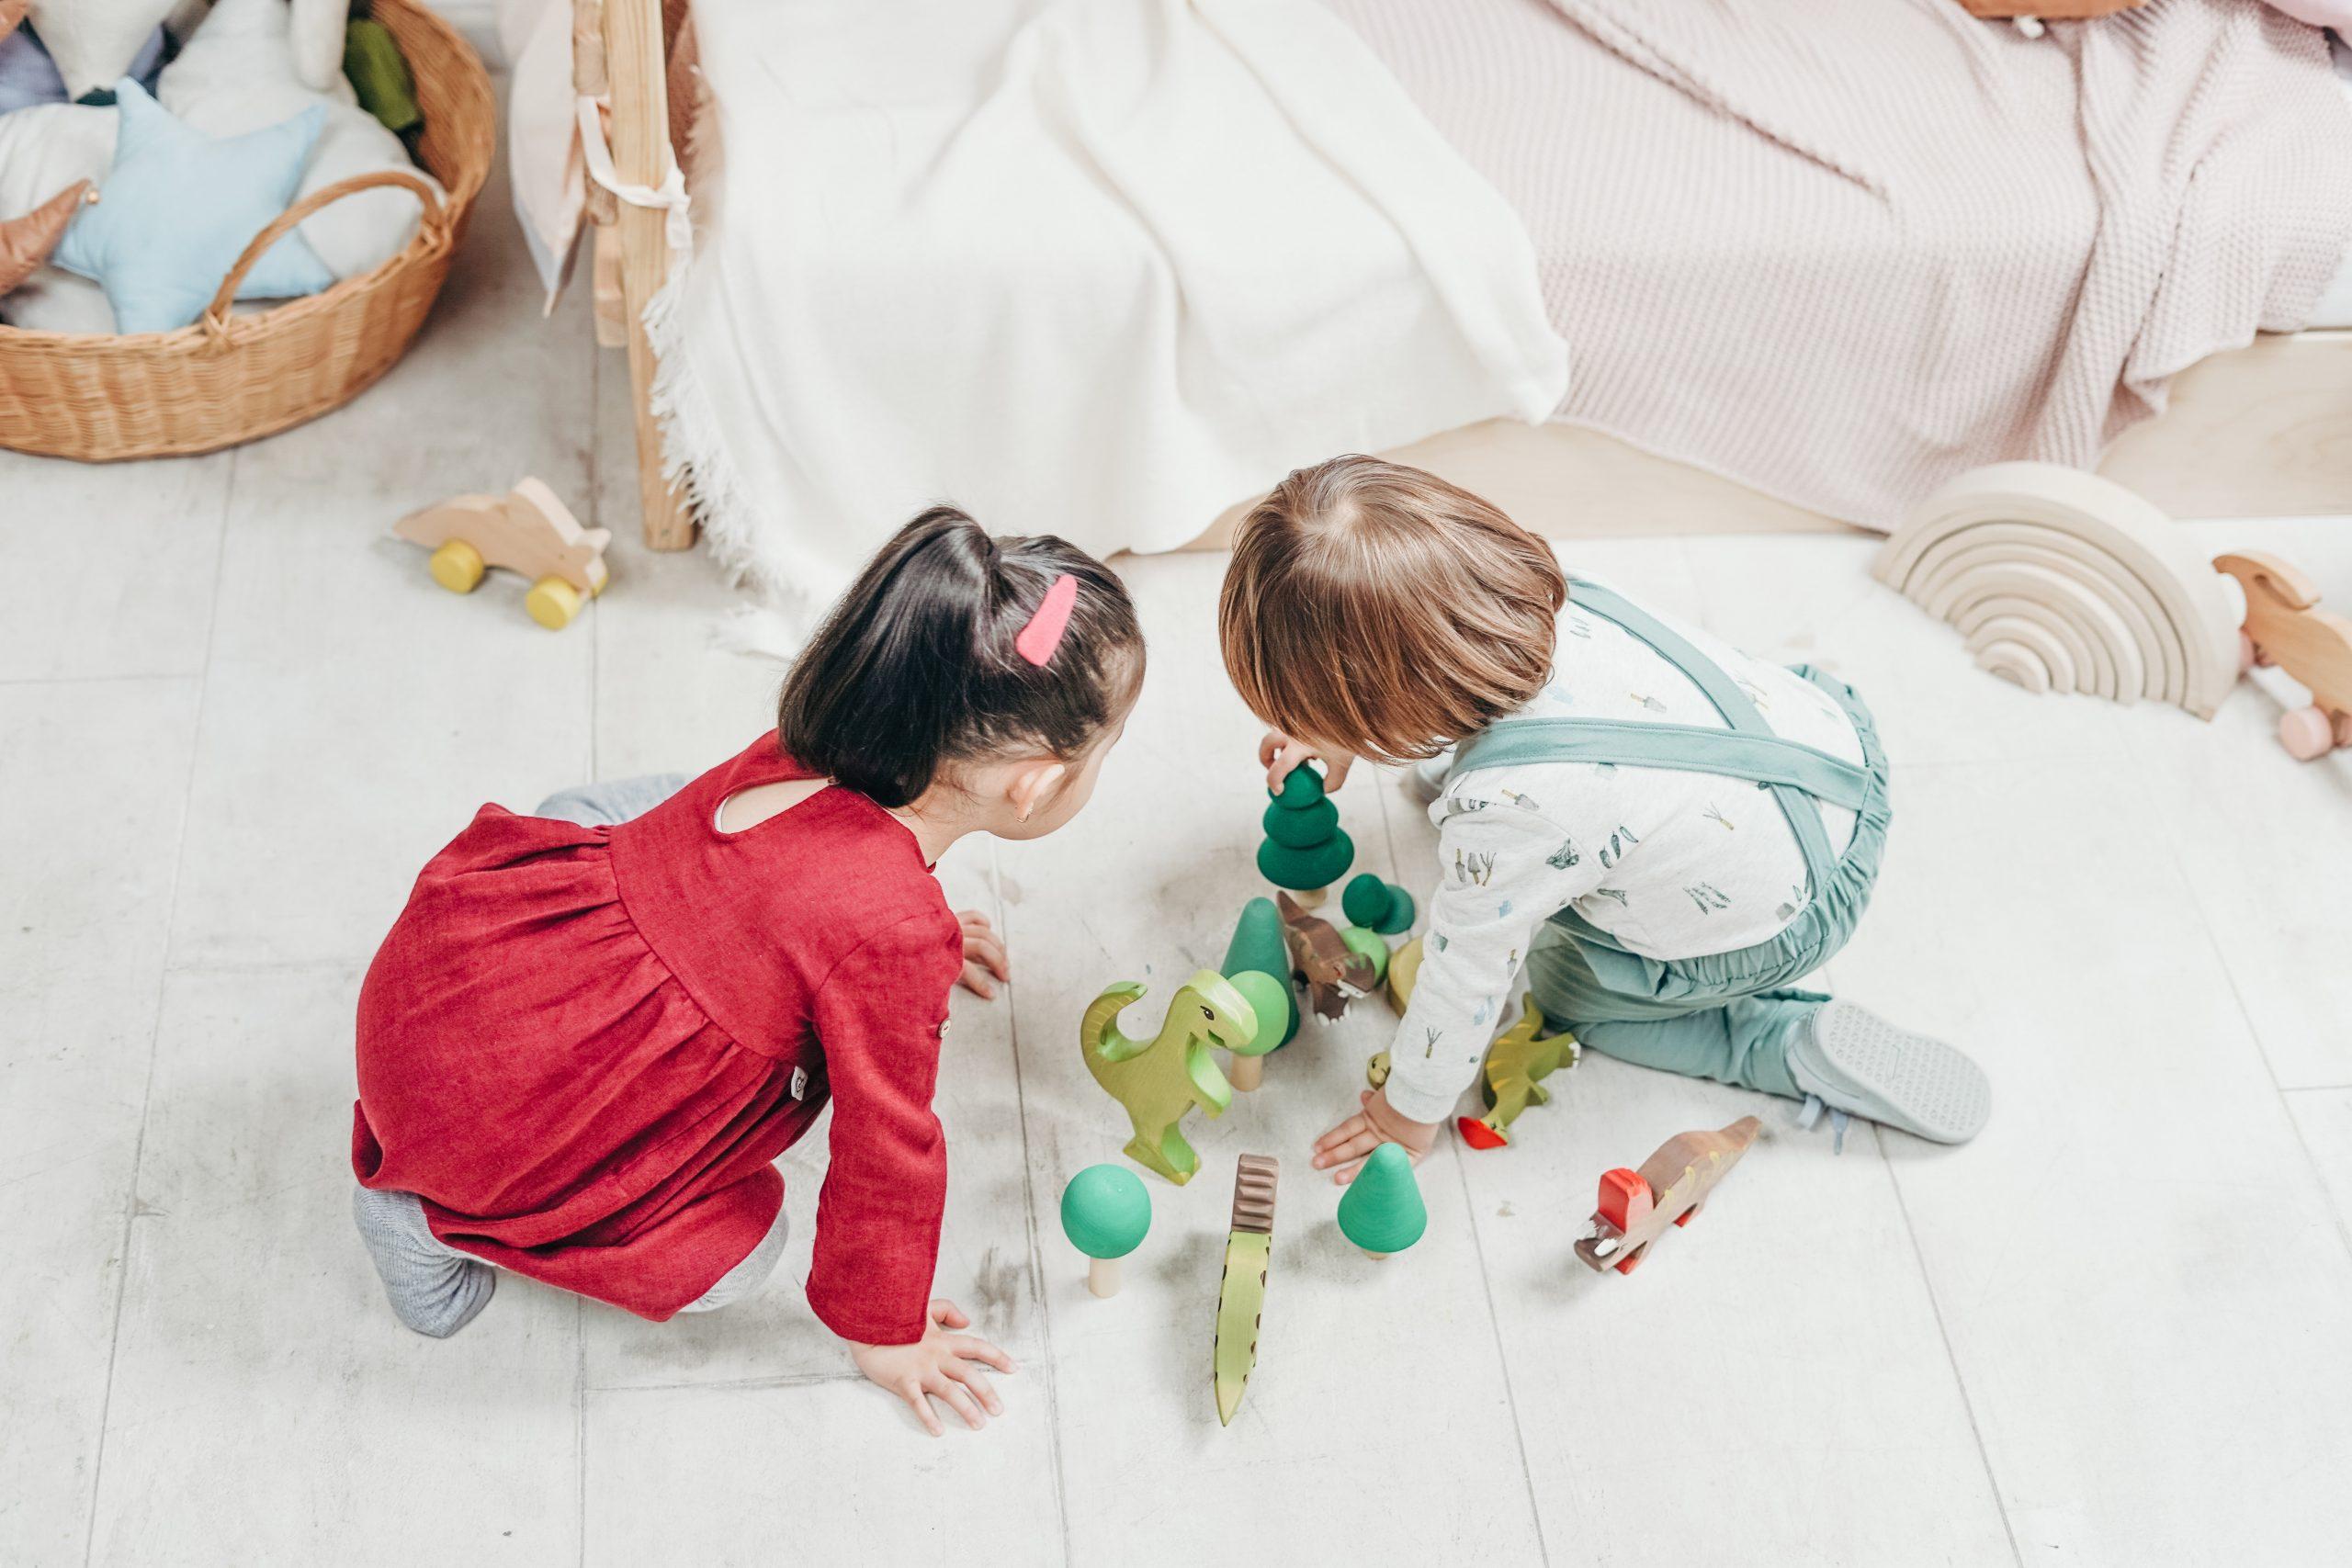 Trucos para niños: ¿Sirve soplar cuando les duele algo?